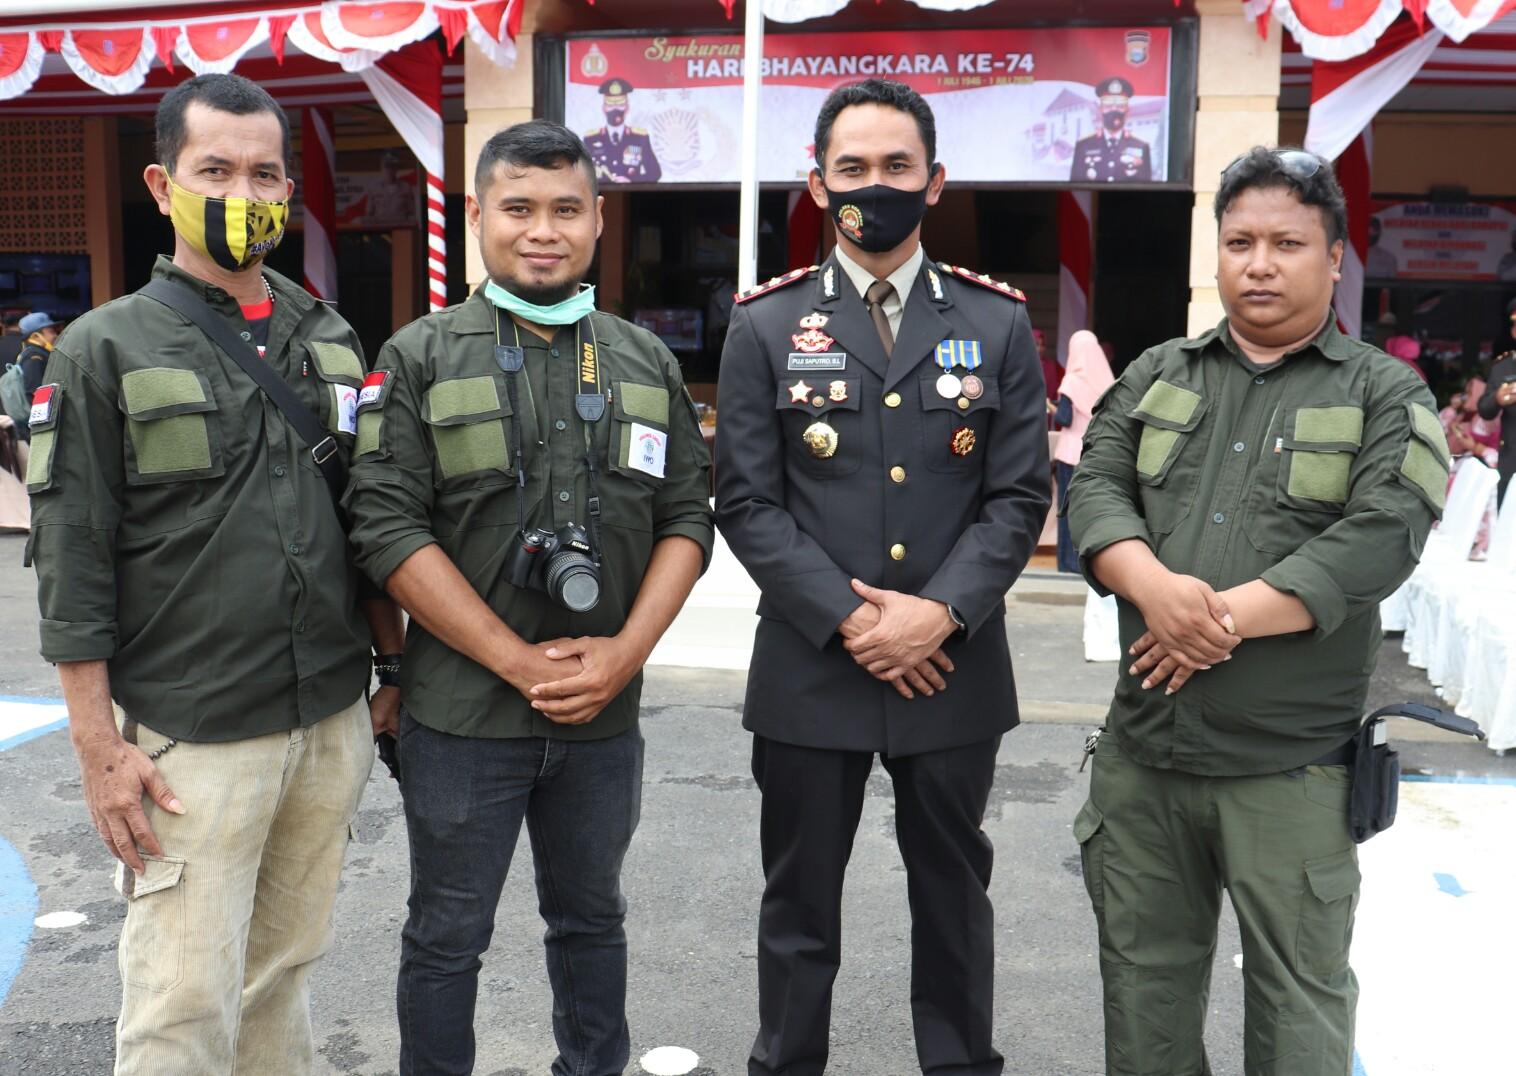 Kapolres Soppeng Bergeser, IWO Soppeng : Sukses di Tempat Yang Baru Komandan